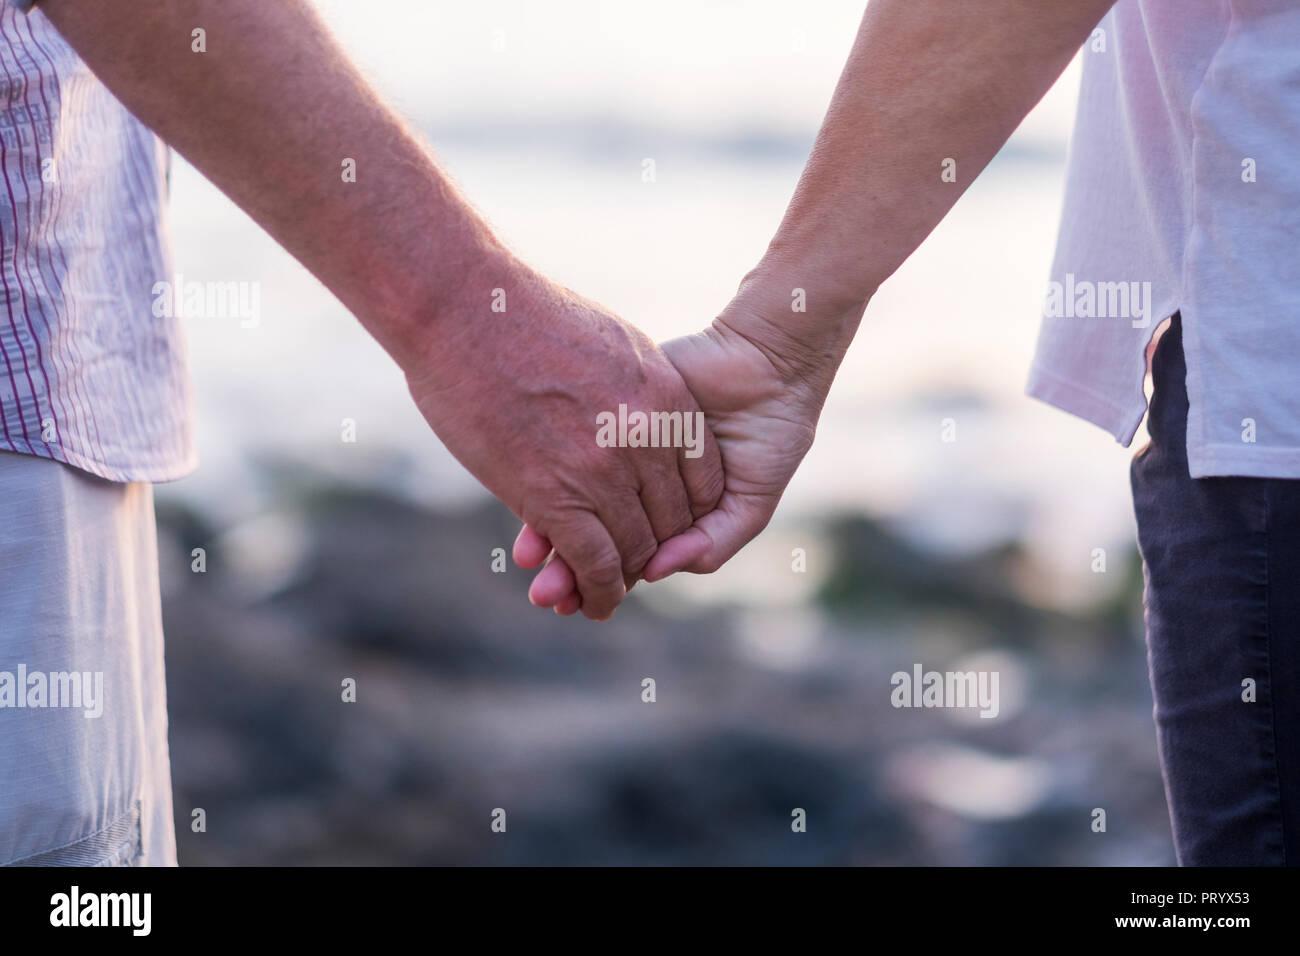 Concepto de vacaciones, turismo, viajes y personas - feliz pareja senior cogidos de la mano. Momento de relajación y serenidad con amor foreverness ethernal Foto de stock